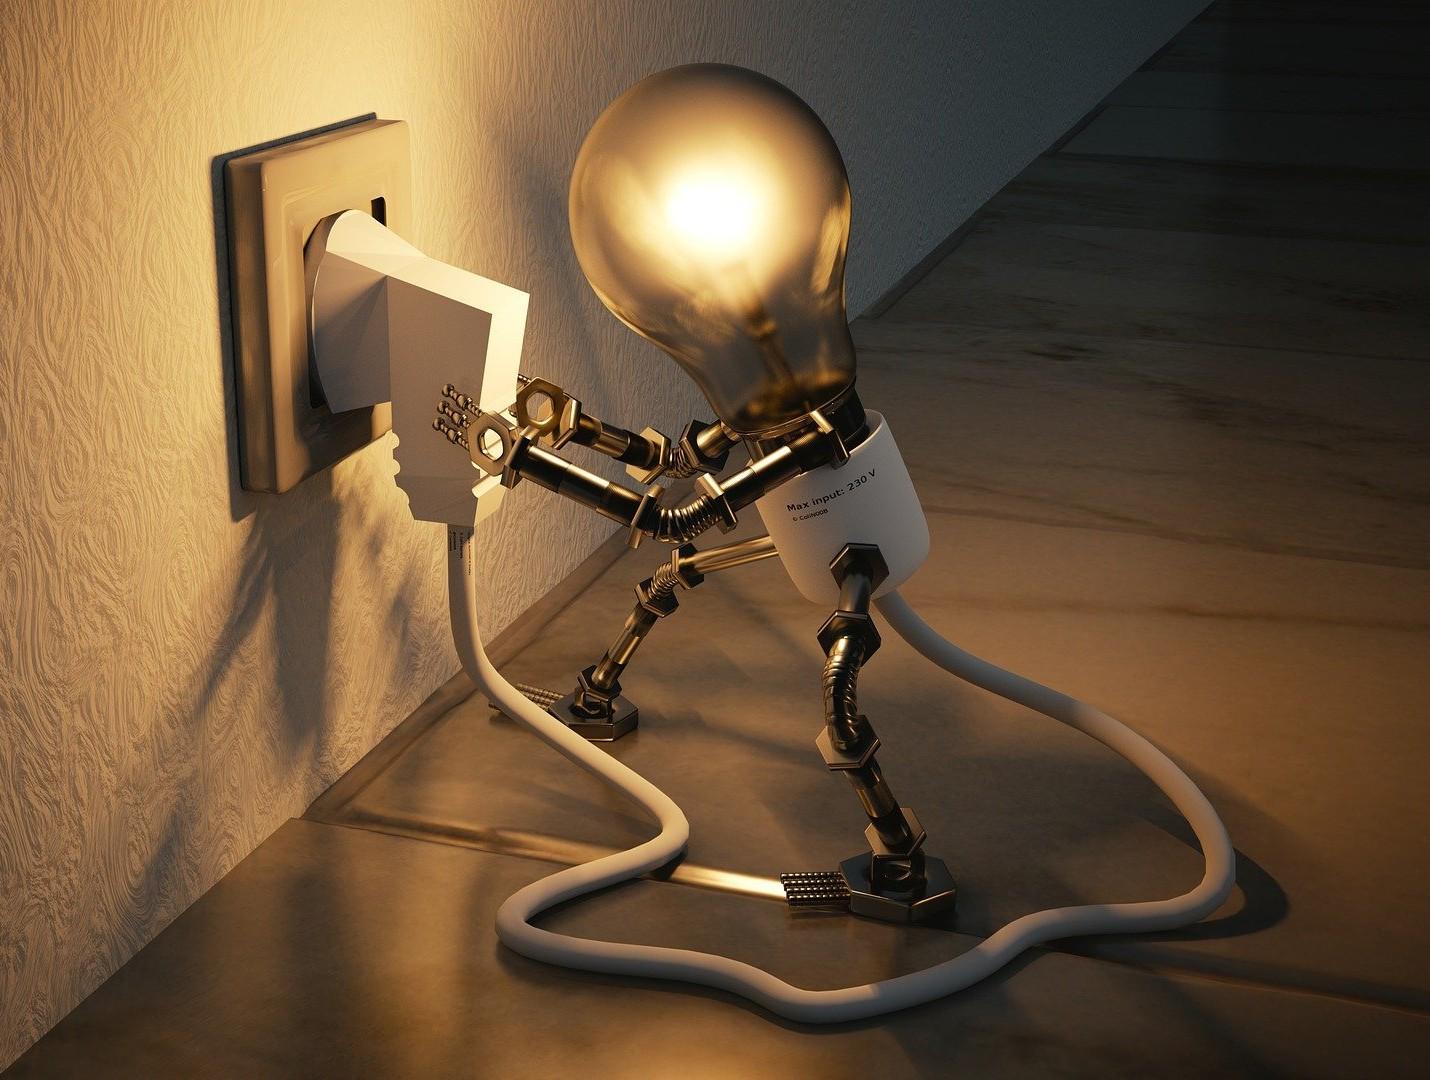 Încărcați-vă bateriile. E-Distribuție Muntenia anunță că se întrerupe curentul electric în București, Ilfov și Giurgiu